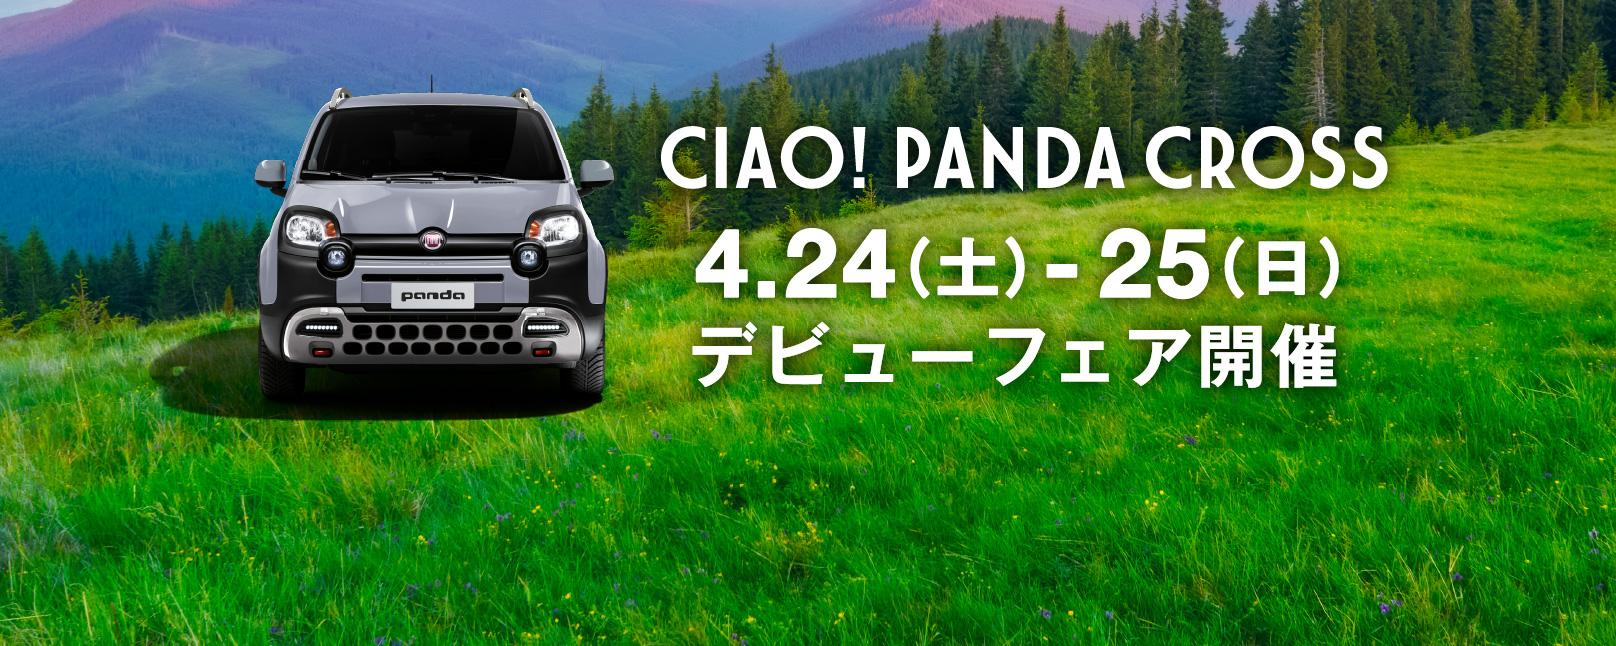 フィアット広島 CIAO! PANDA CROSS 4×4 デビューフェア開催 4.24 sat ≫ 4.25 sun